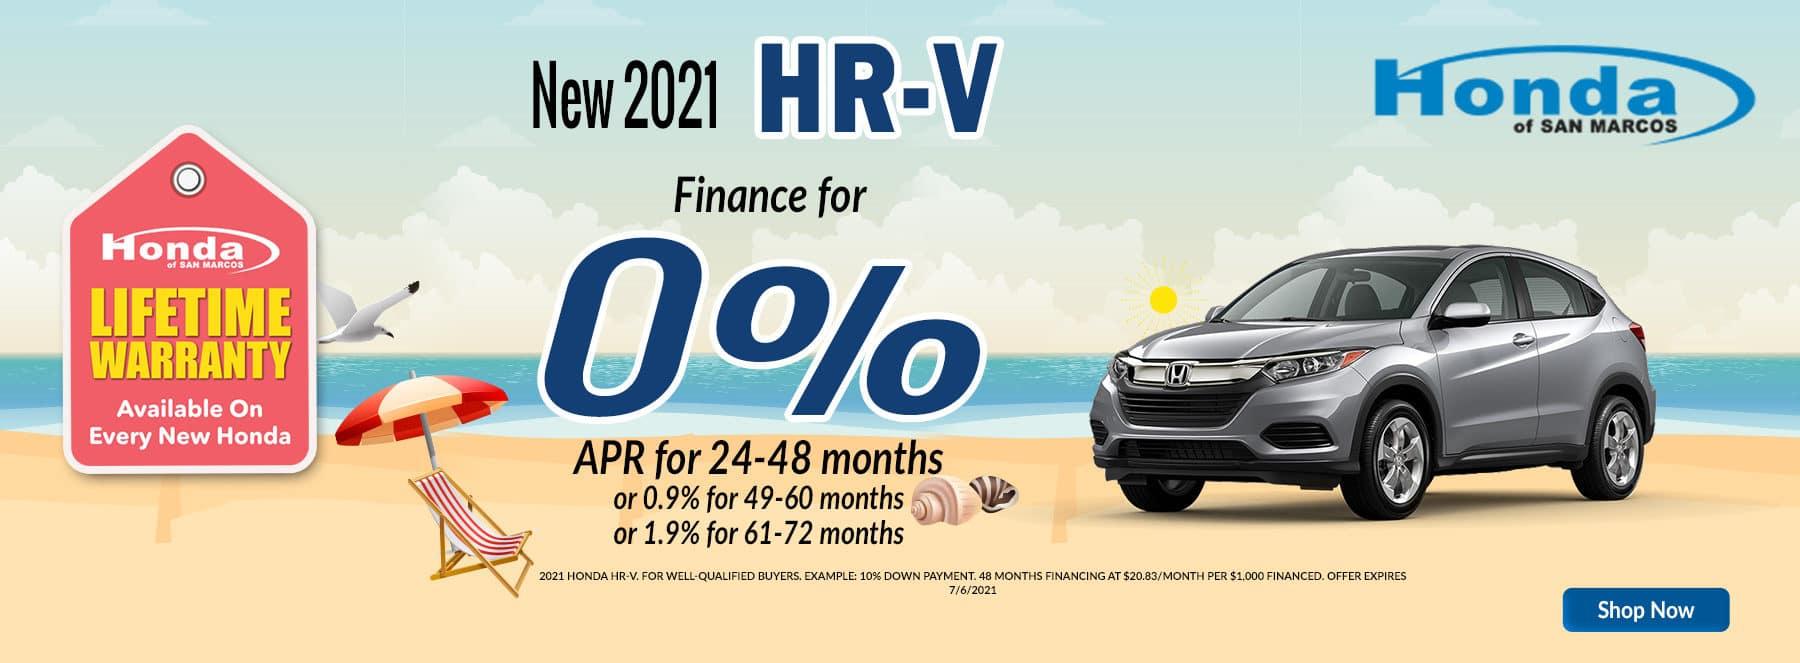 2021 June Offer HRV